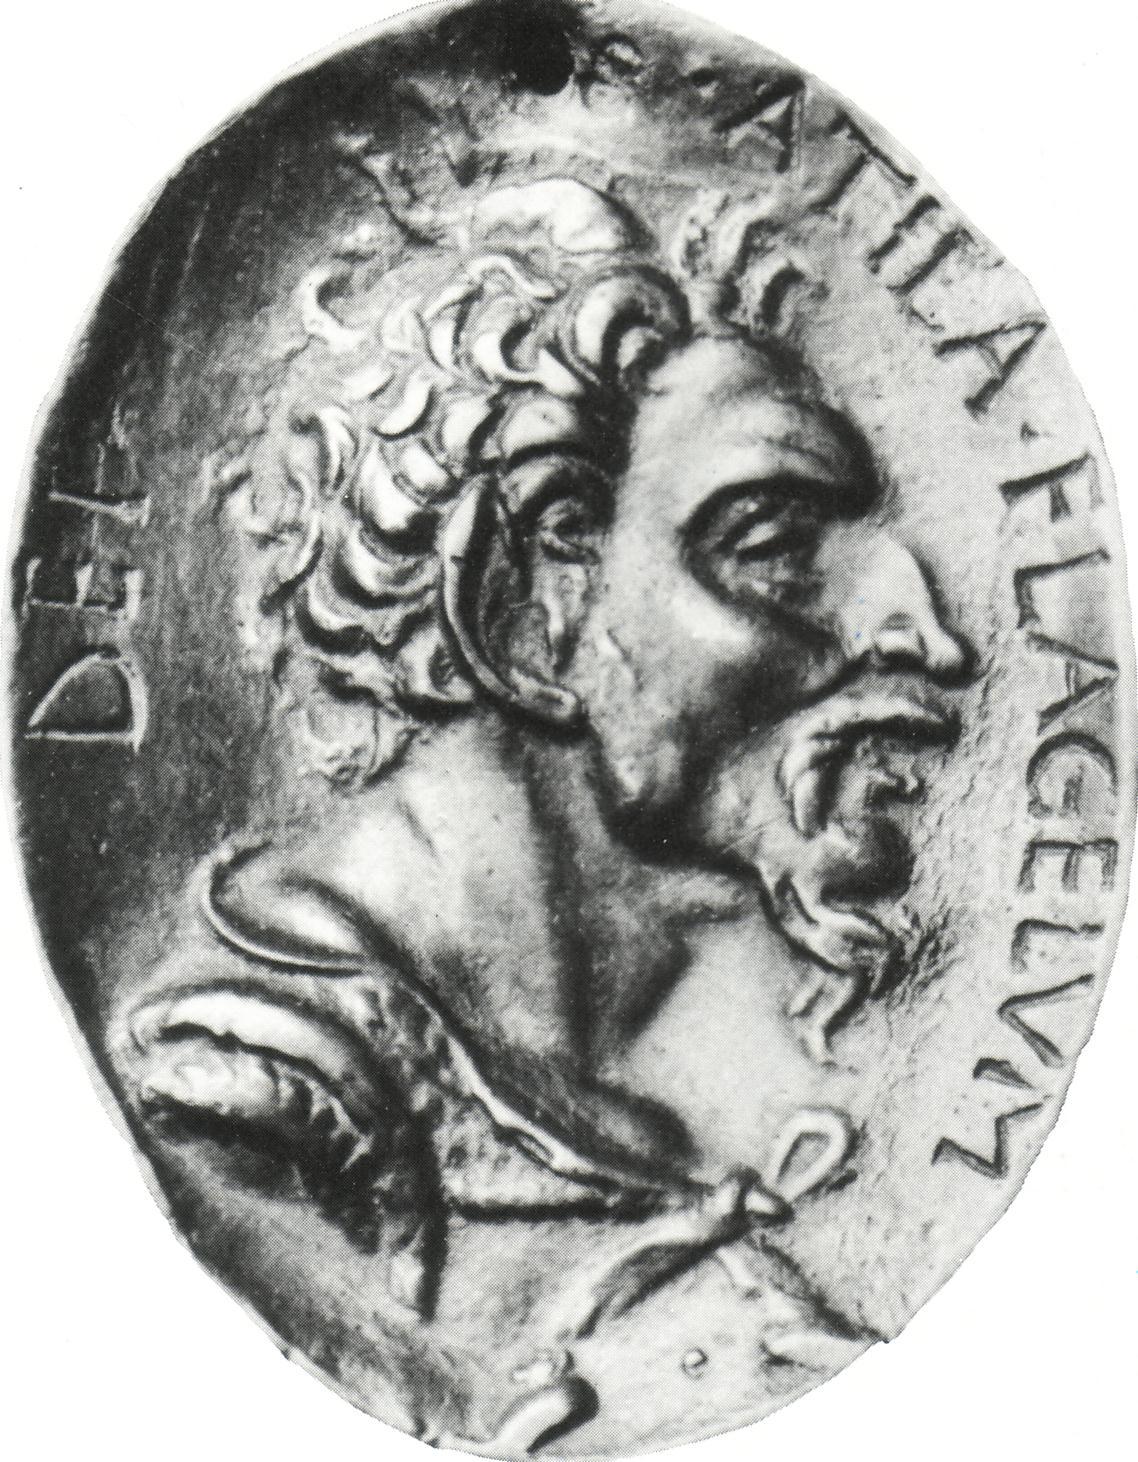 http://upload.wikimedia.org/wikipedia/commons/6/6e/Atilla_fl%C3%A9au_de_dieu.jpg